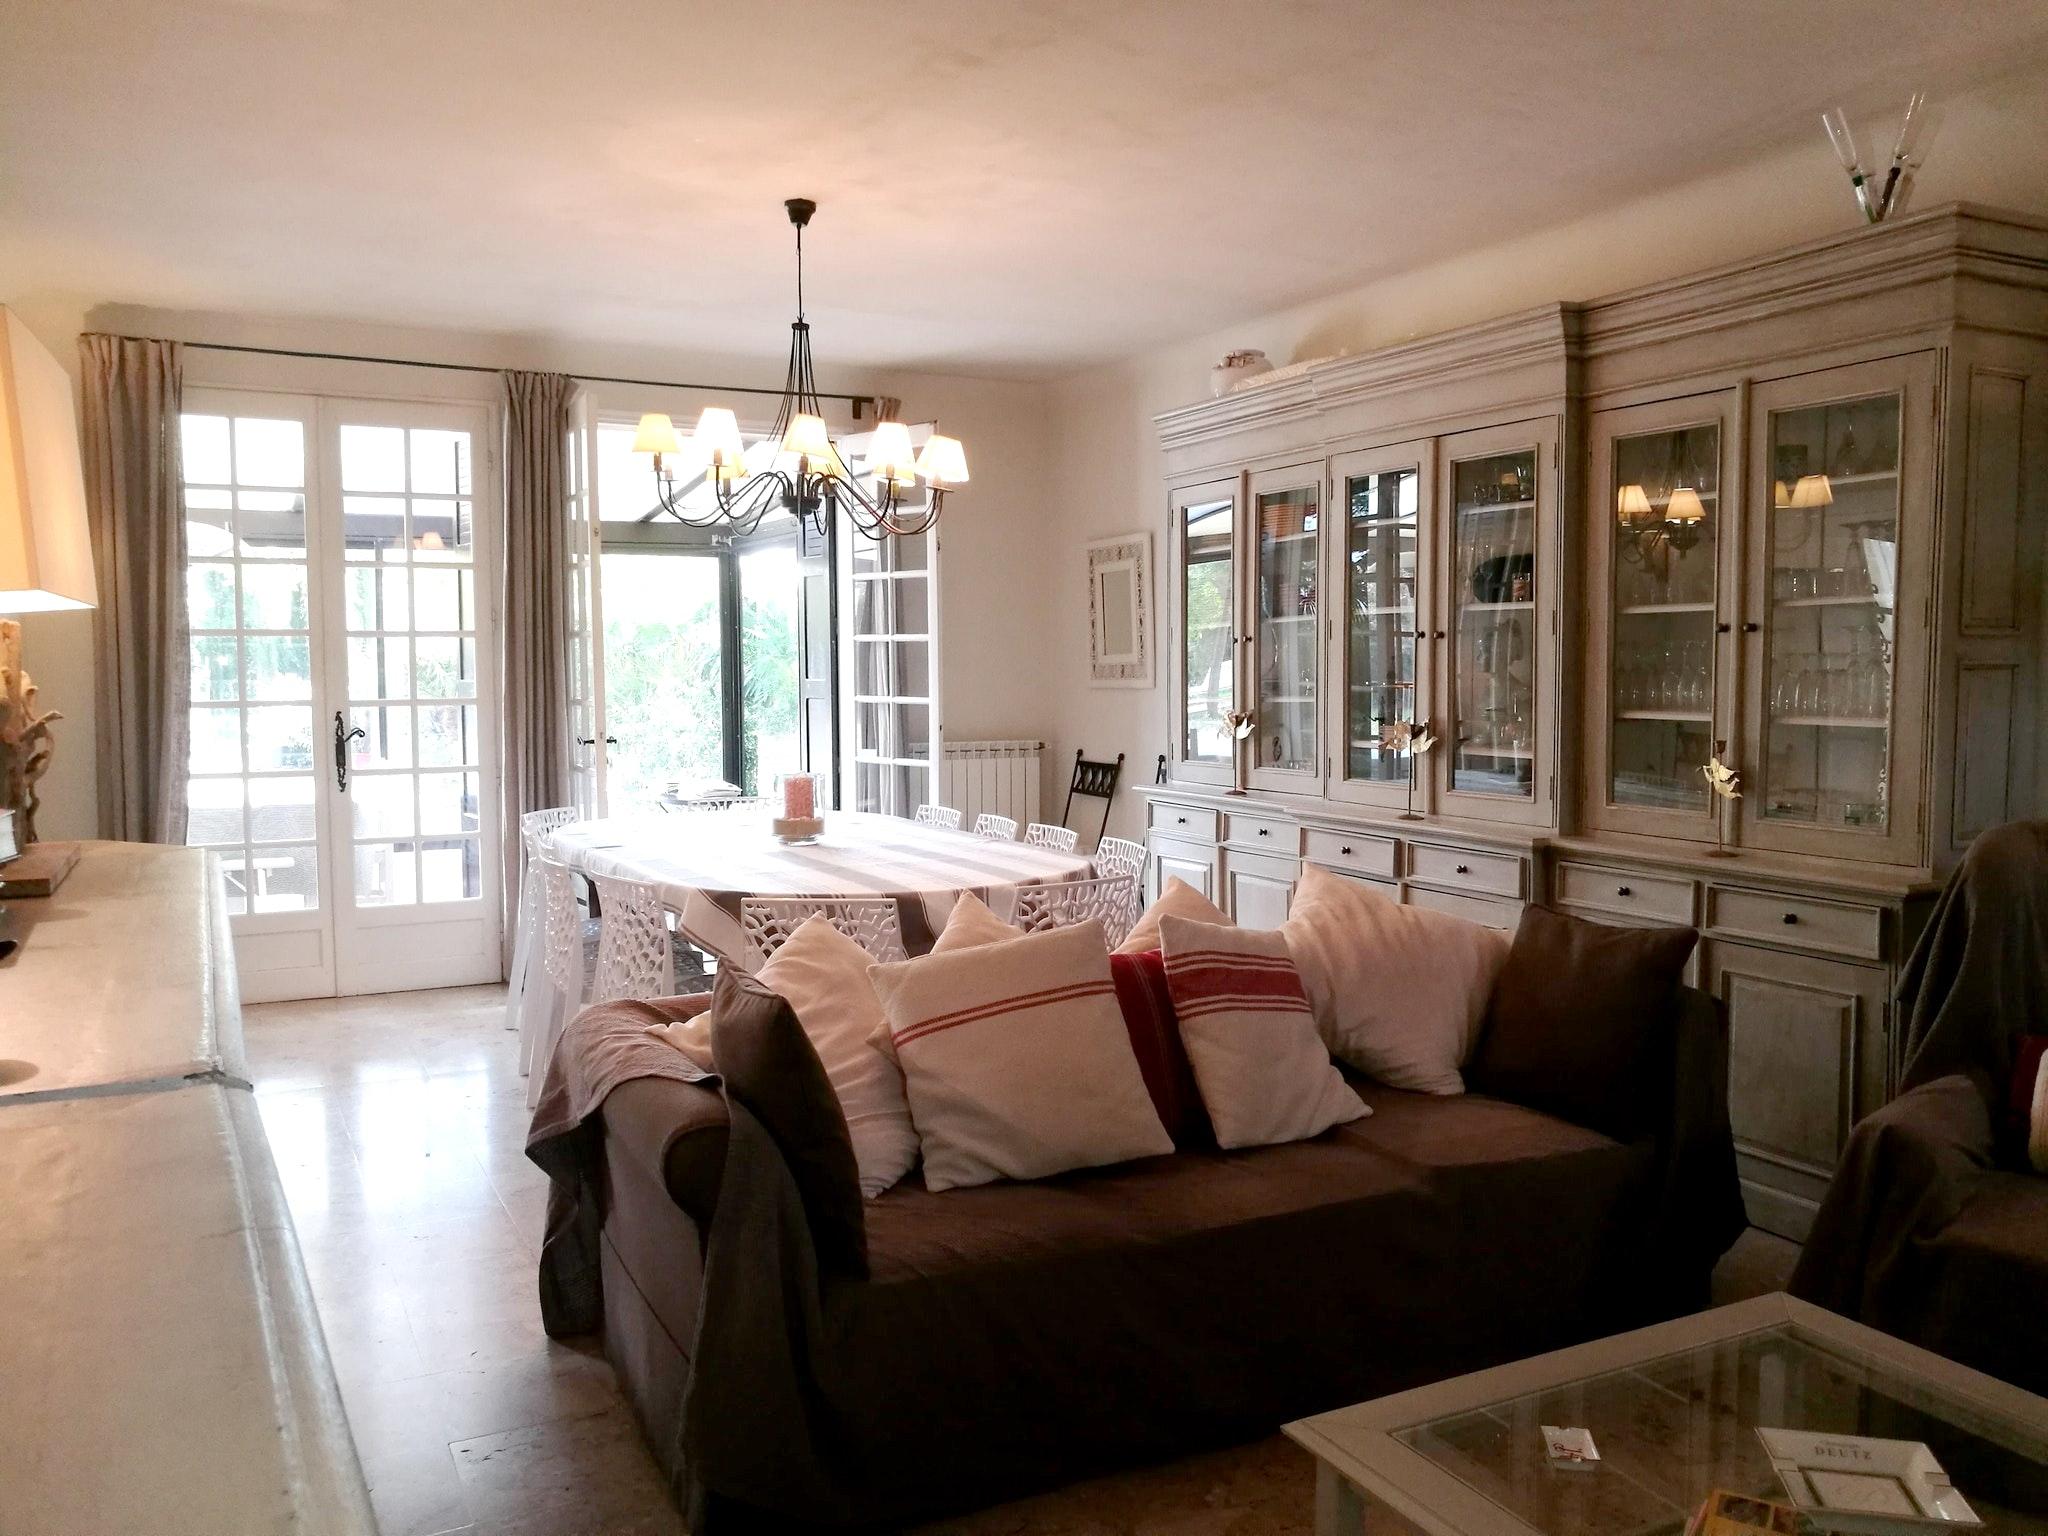 Ferienhaus Haus mit 6 Schlafzimmern in Pernes-les-Fontaines mit privatem Pool, möbliertem Garten und  (2377414), Pernes les Fontaines, Saône-et-Loire, Burgund, Frankreich, Bild 15